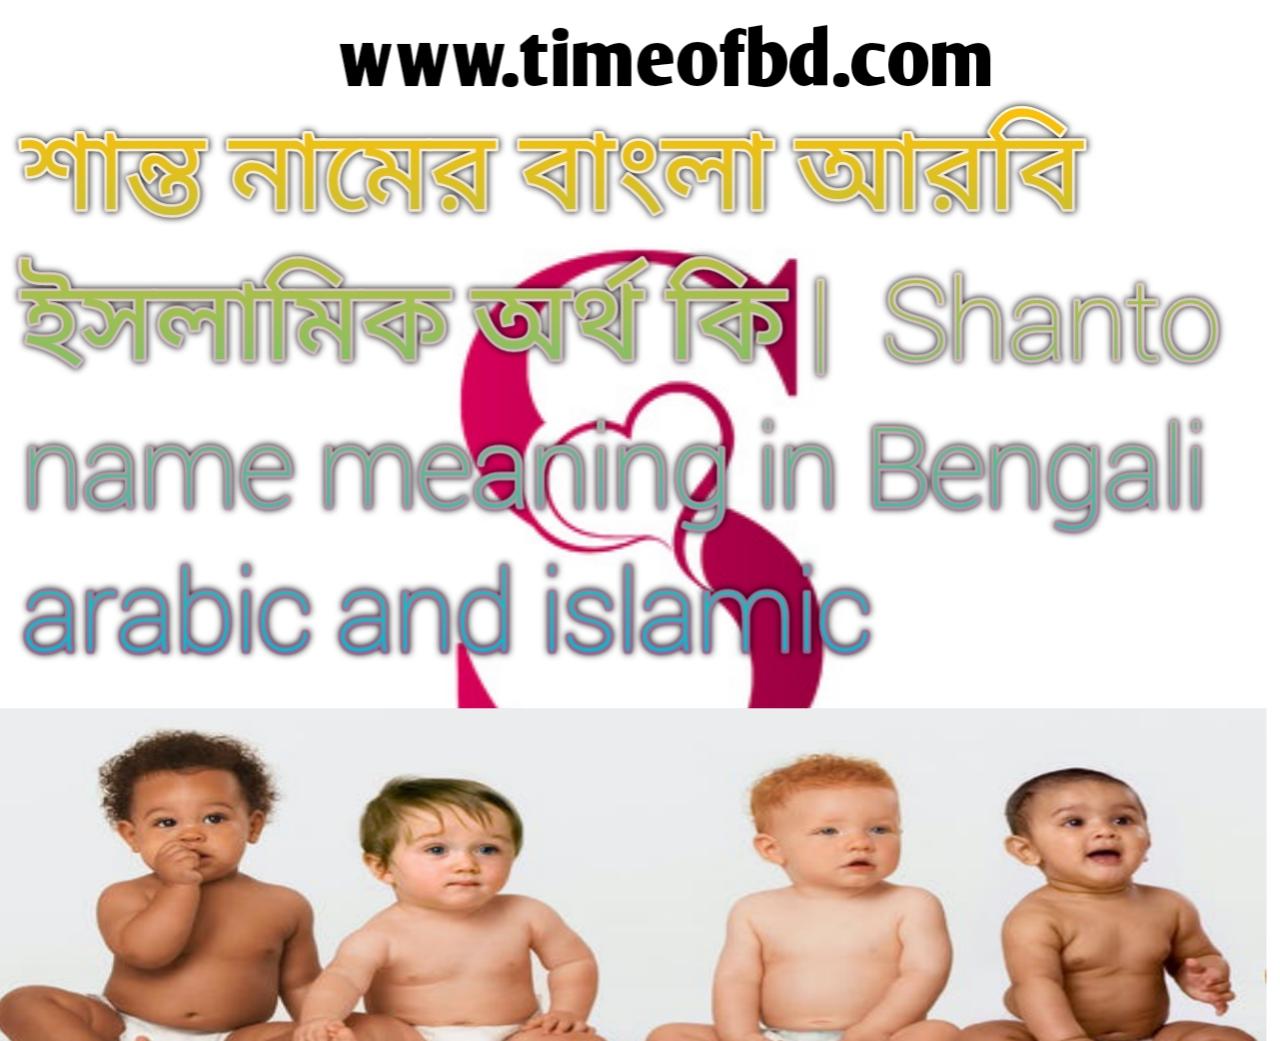 শান্ত নামের অর্থ কি, শান্ত নামের বাংলা অর্থ কি, শান্ত নামের ইসলামিক অর্থ কি, Shanto name in Bengali, শান্ত কি ইসলামিক নাম,